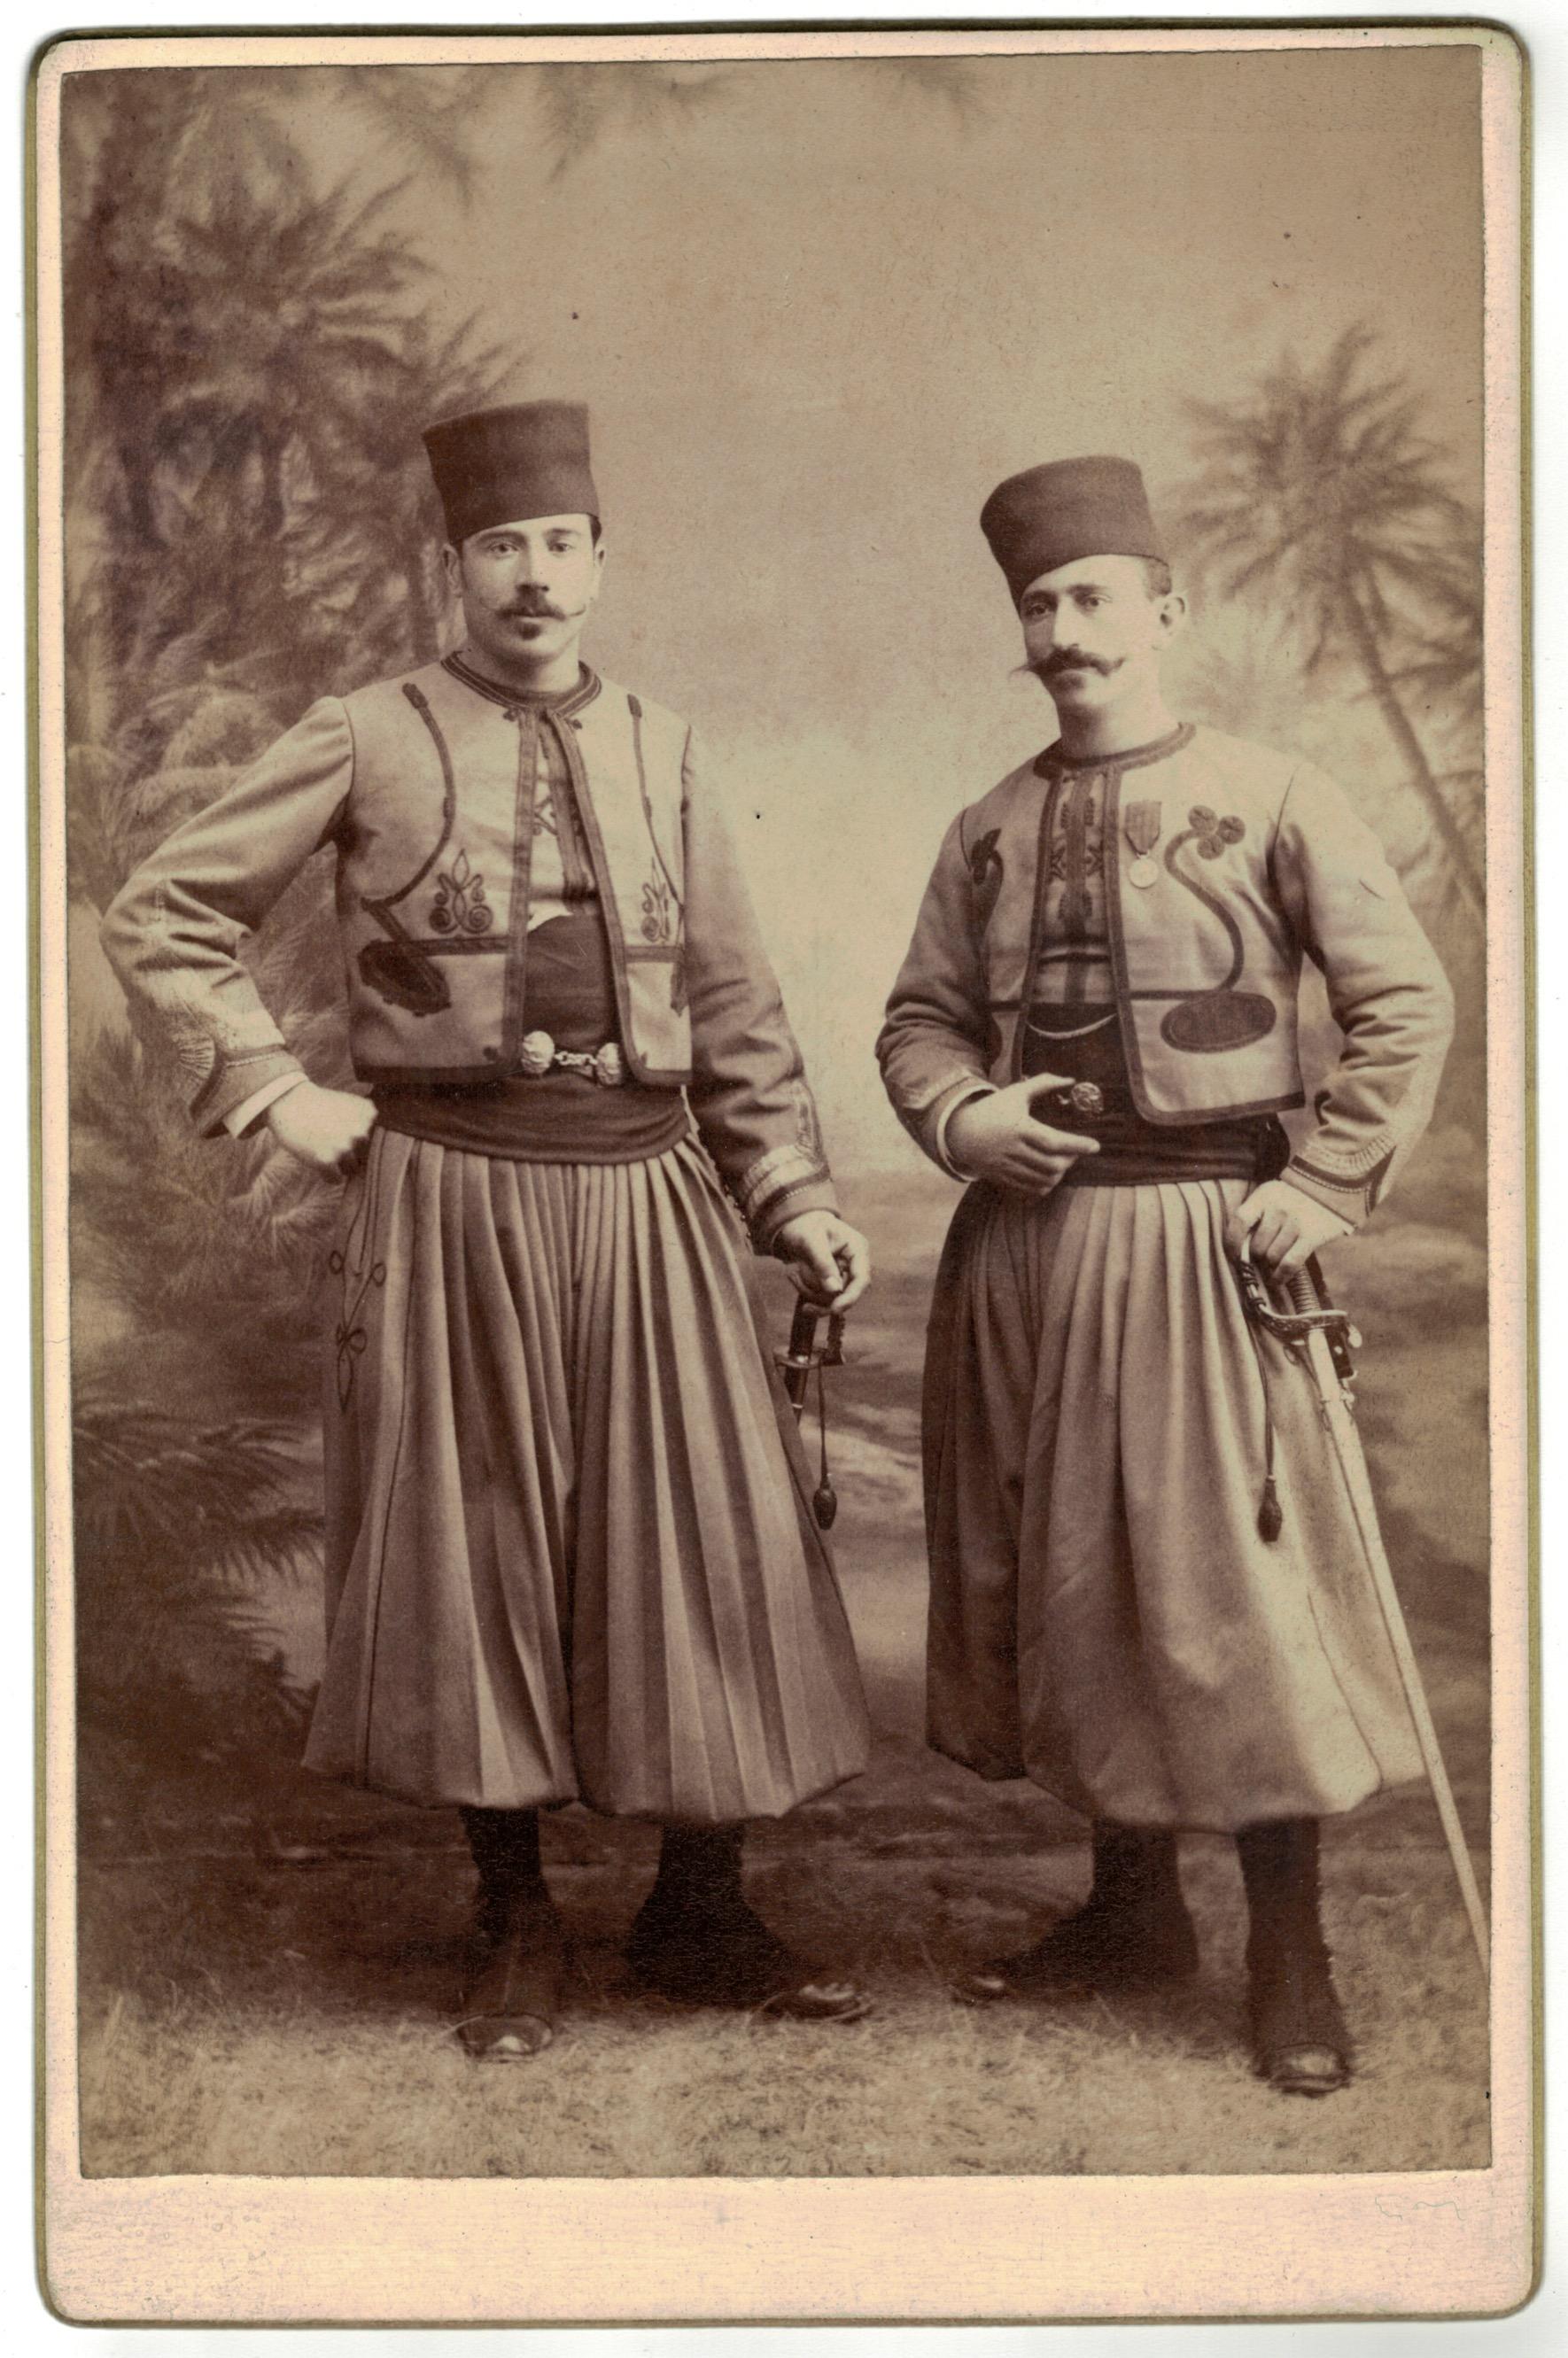 Carte CDV photo - Grand format - Soldat Tirailleurs Algériens 3 République - Turcos